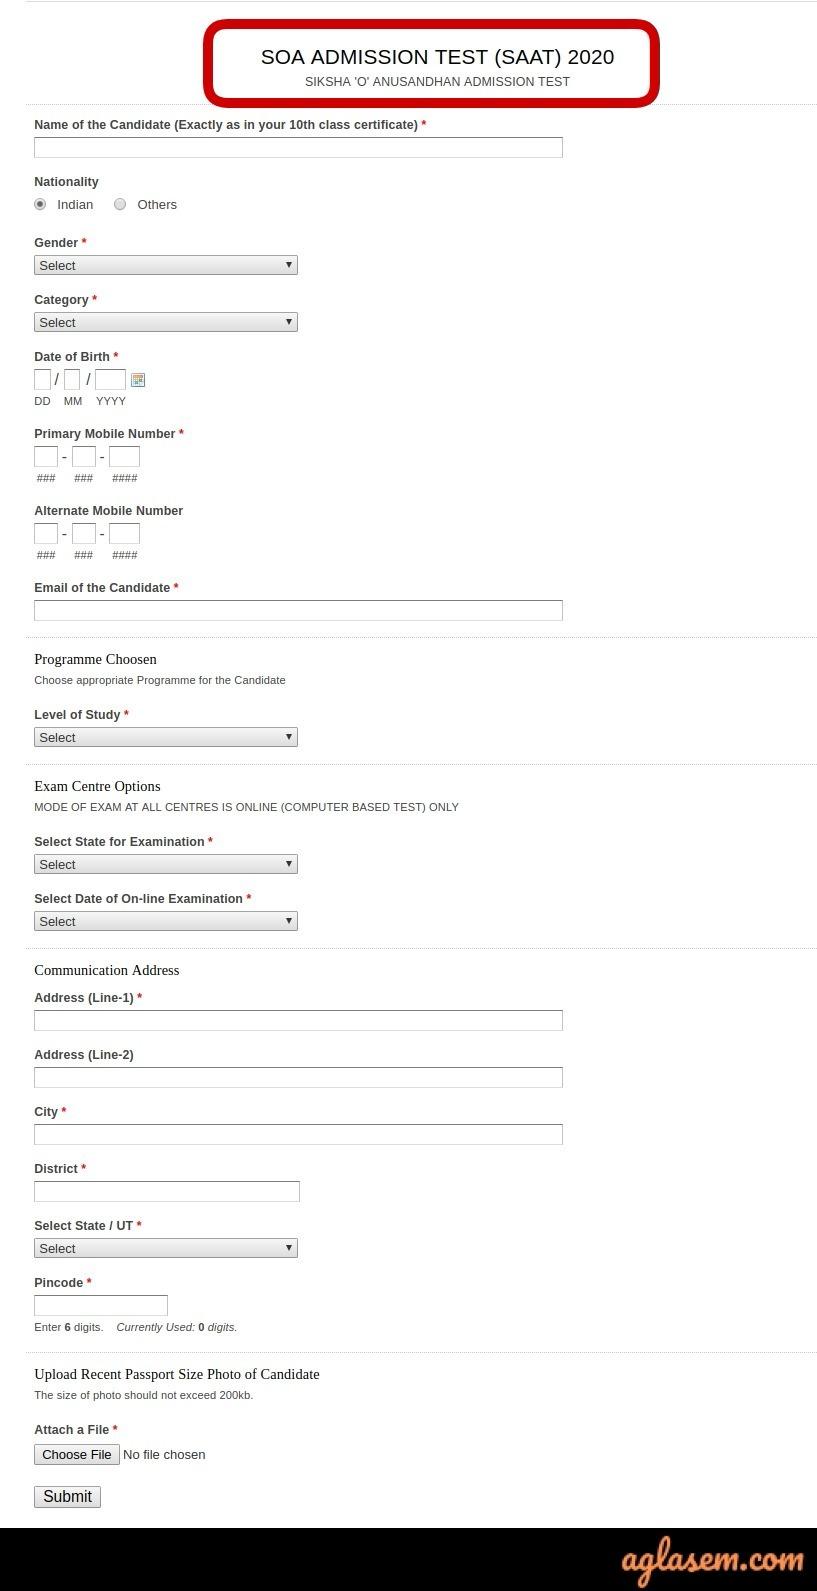 SAAT 2020 Application Form